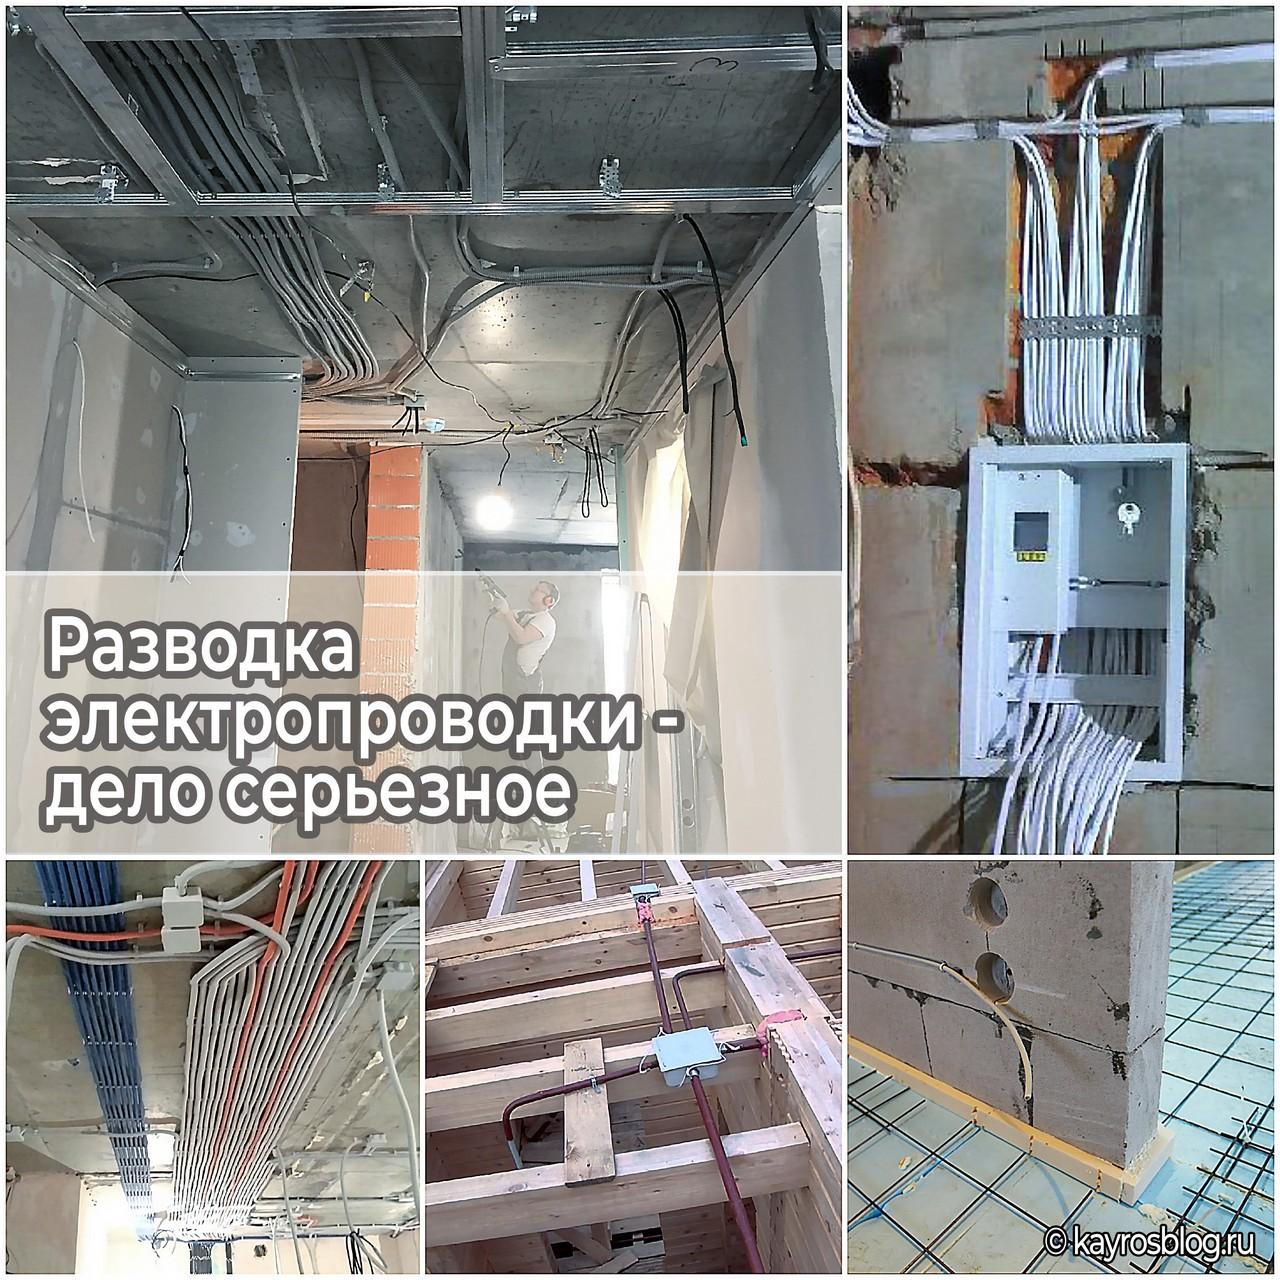 Разводка электропроводки - дело серьезное